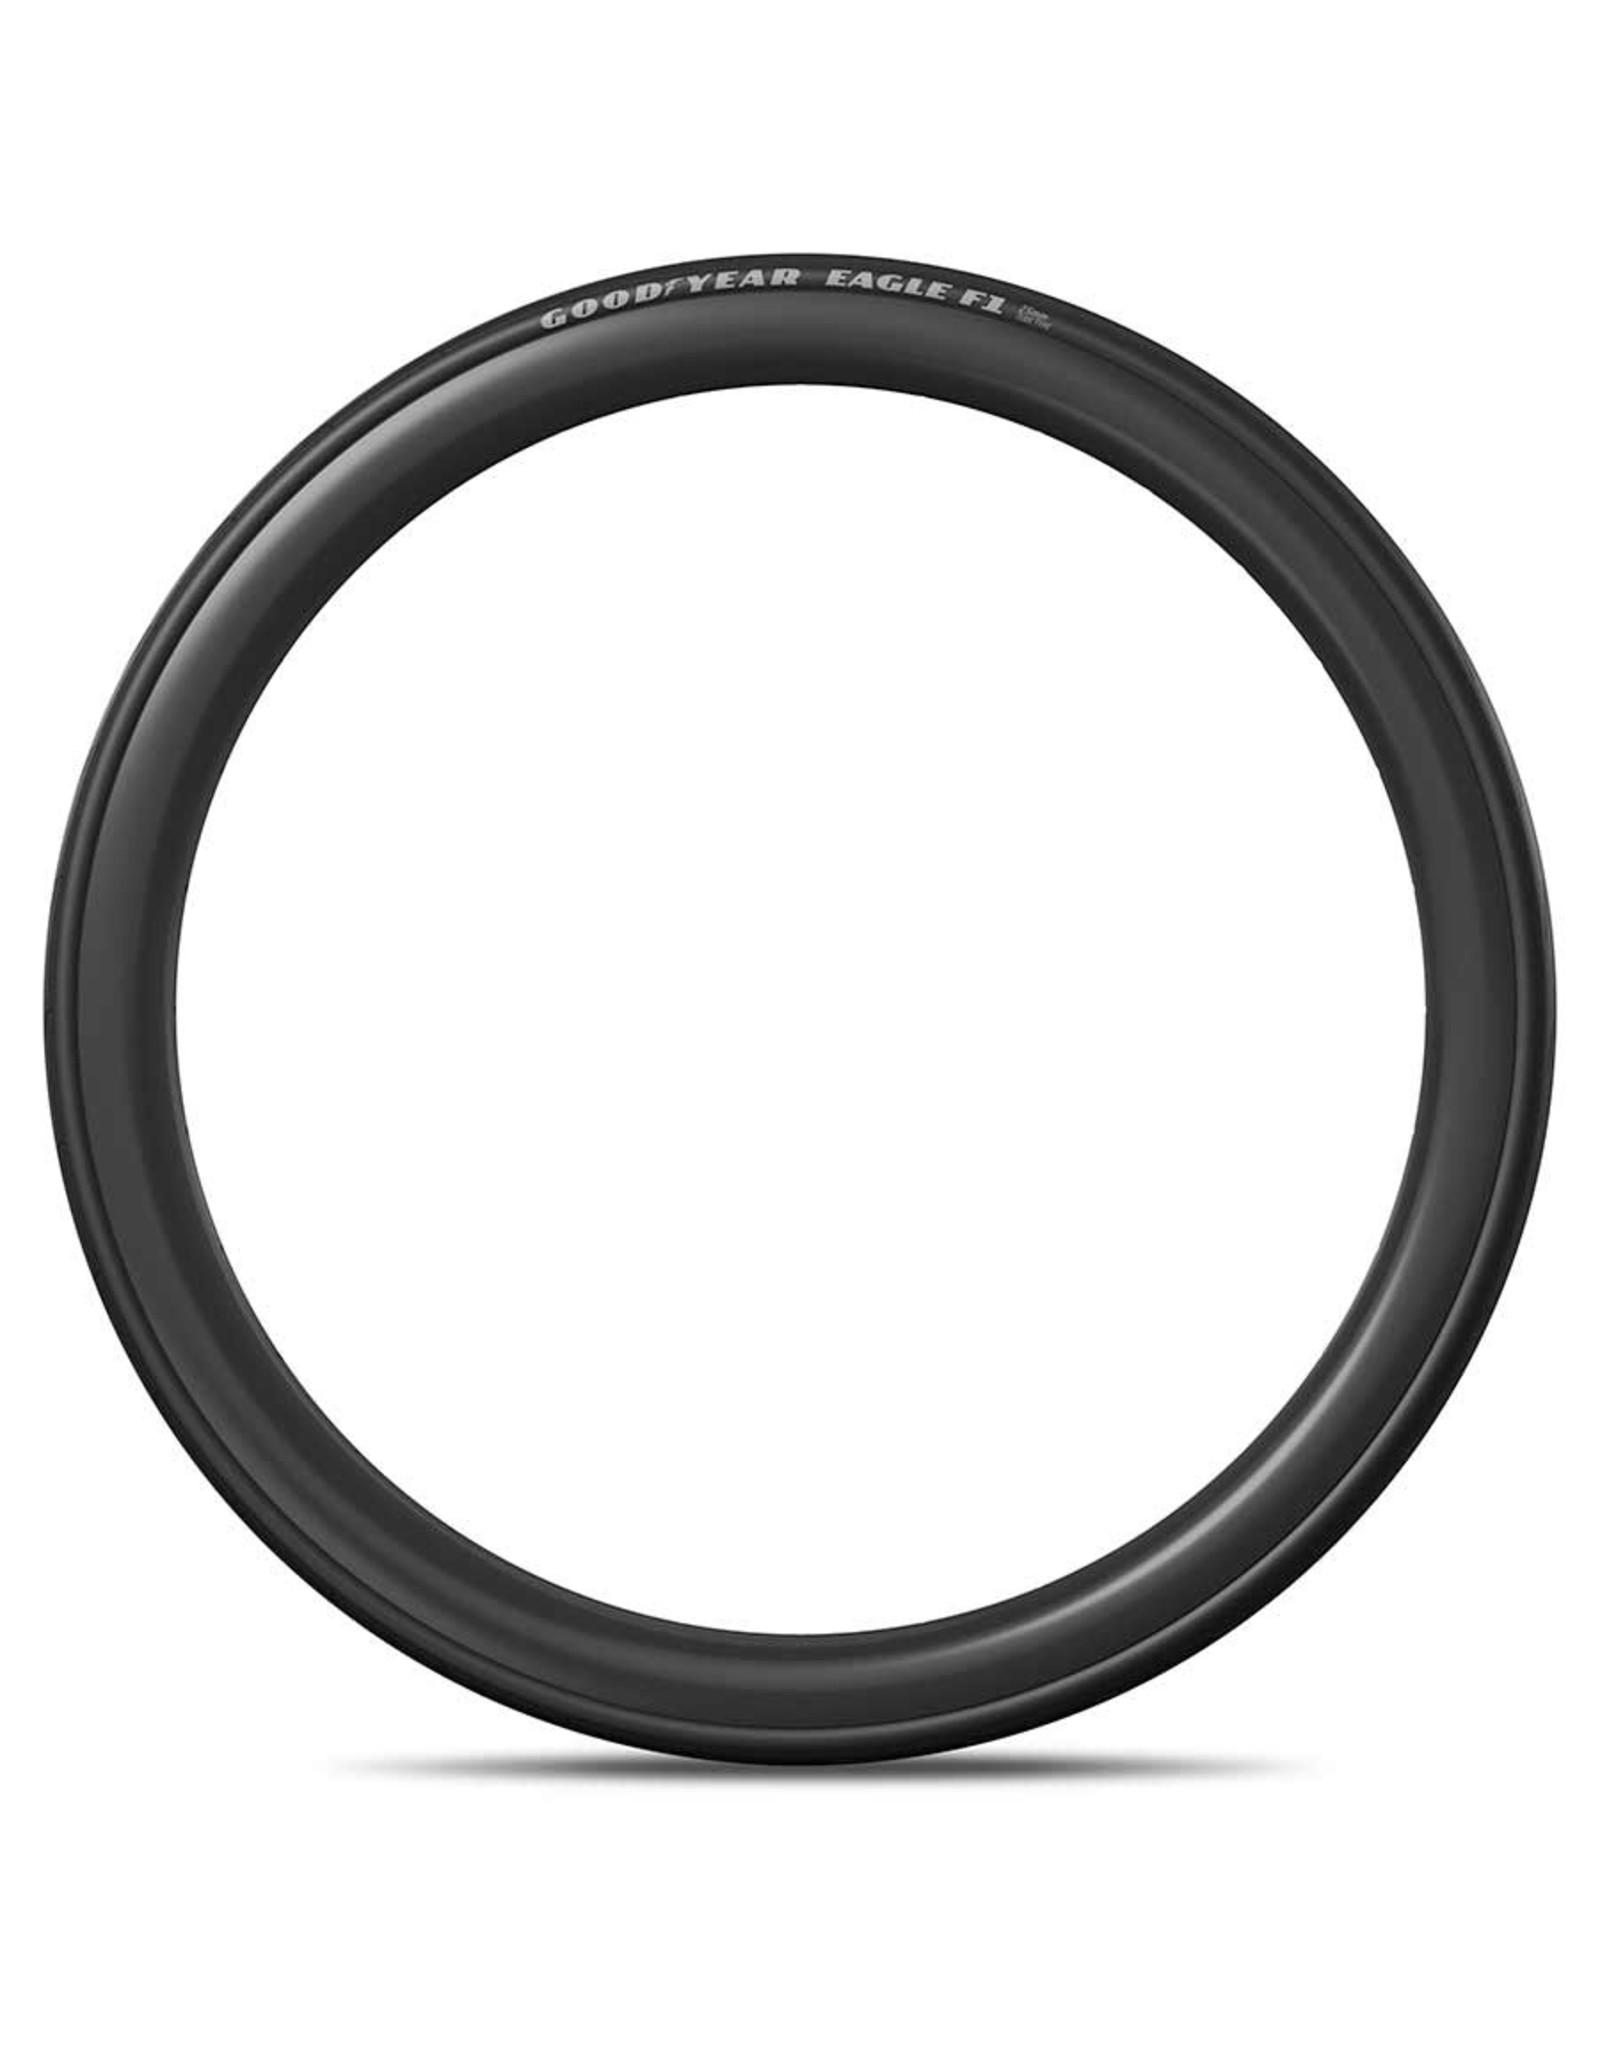 Goodyear Goodyear, Eagle F1, Tire, 700x28C, Folding, Clincher, Dynamic:GSR, R:Shield, 120TPI, Black